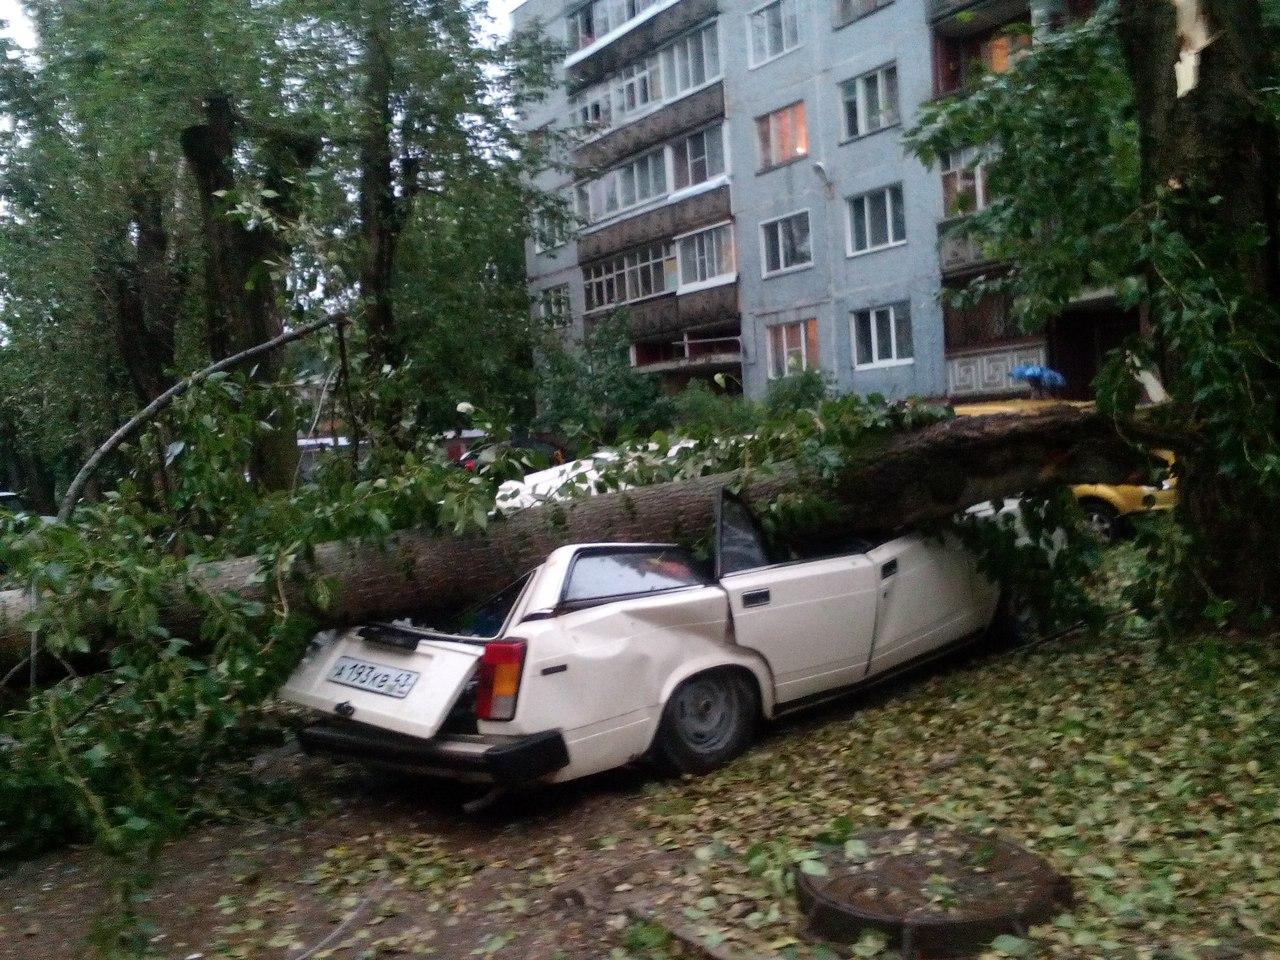 Вырванные с корнем деревья, оборванные провода и искореженные авто: на Чепецк обрушился ураган